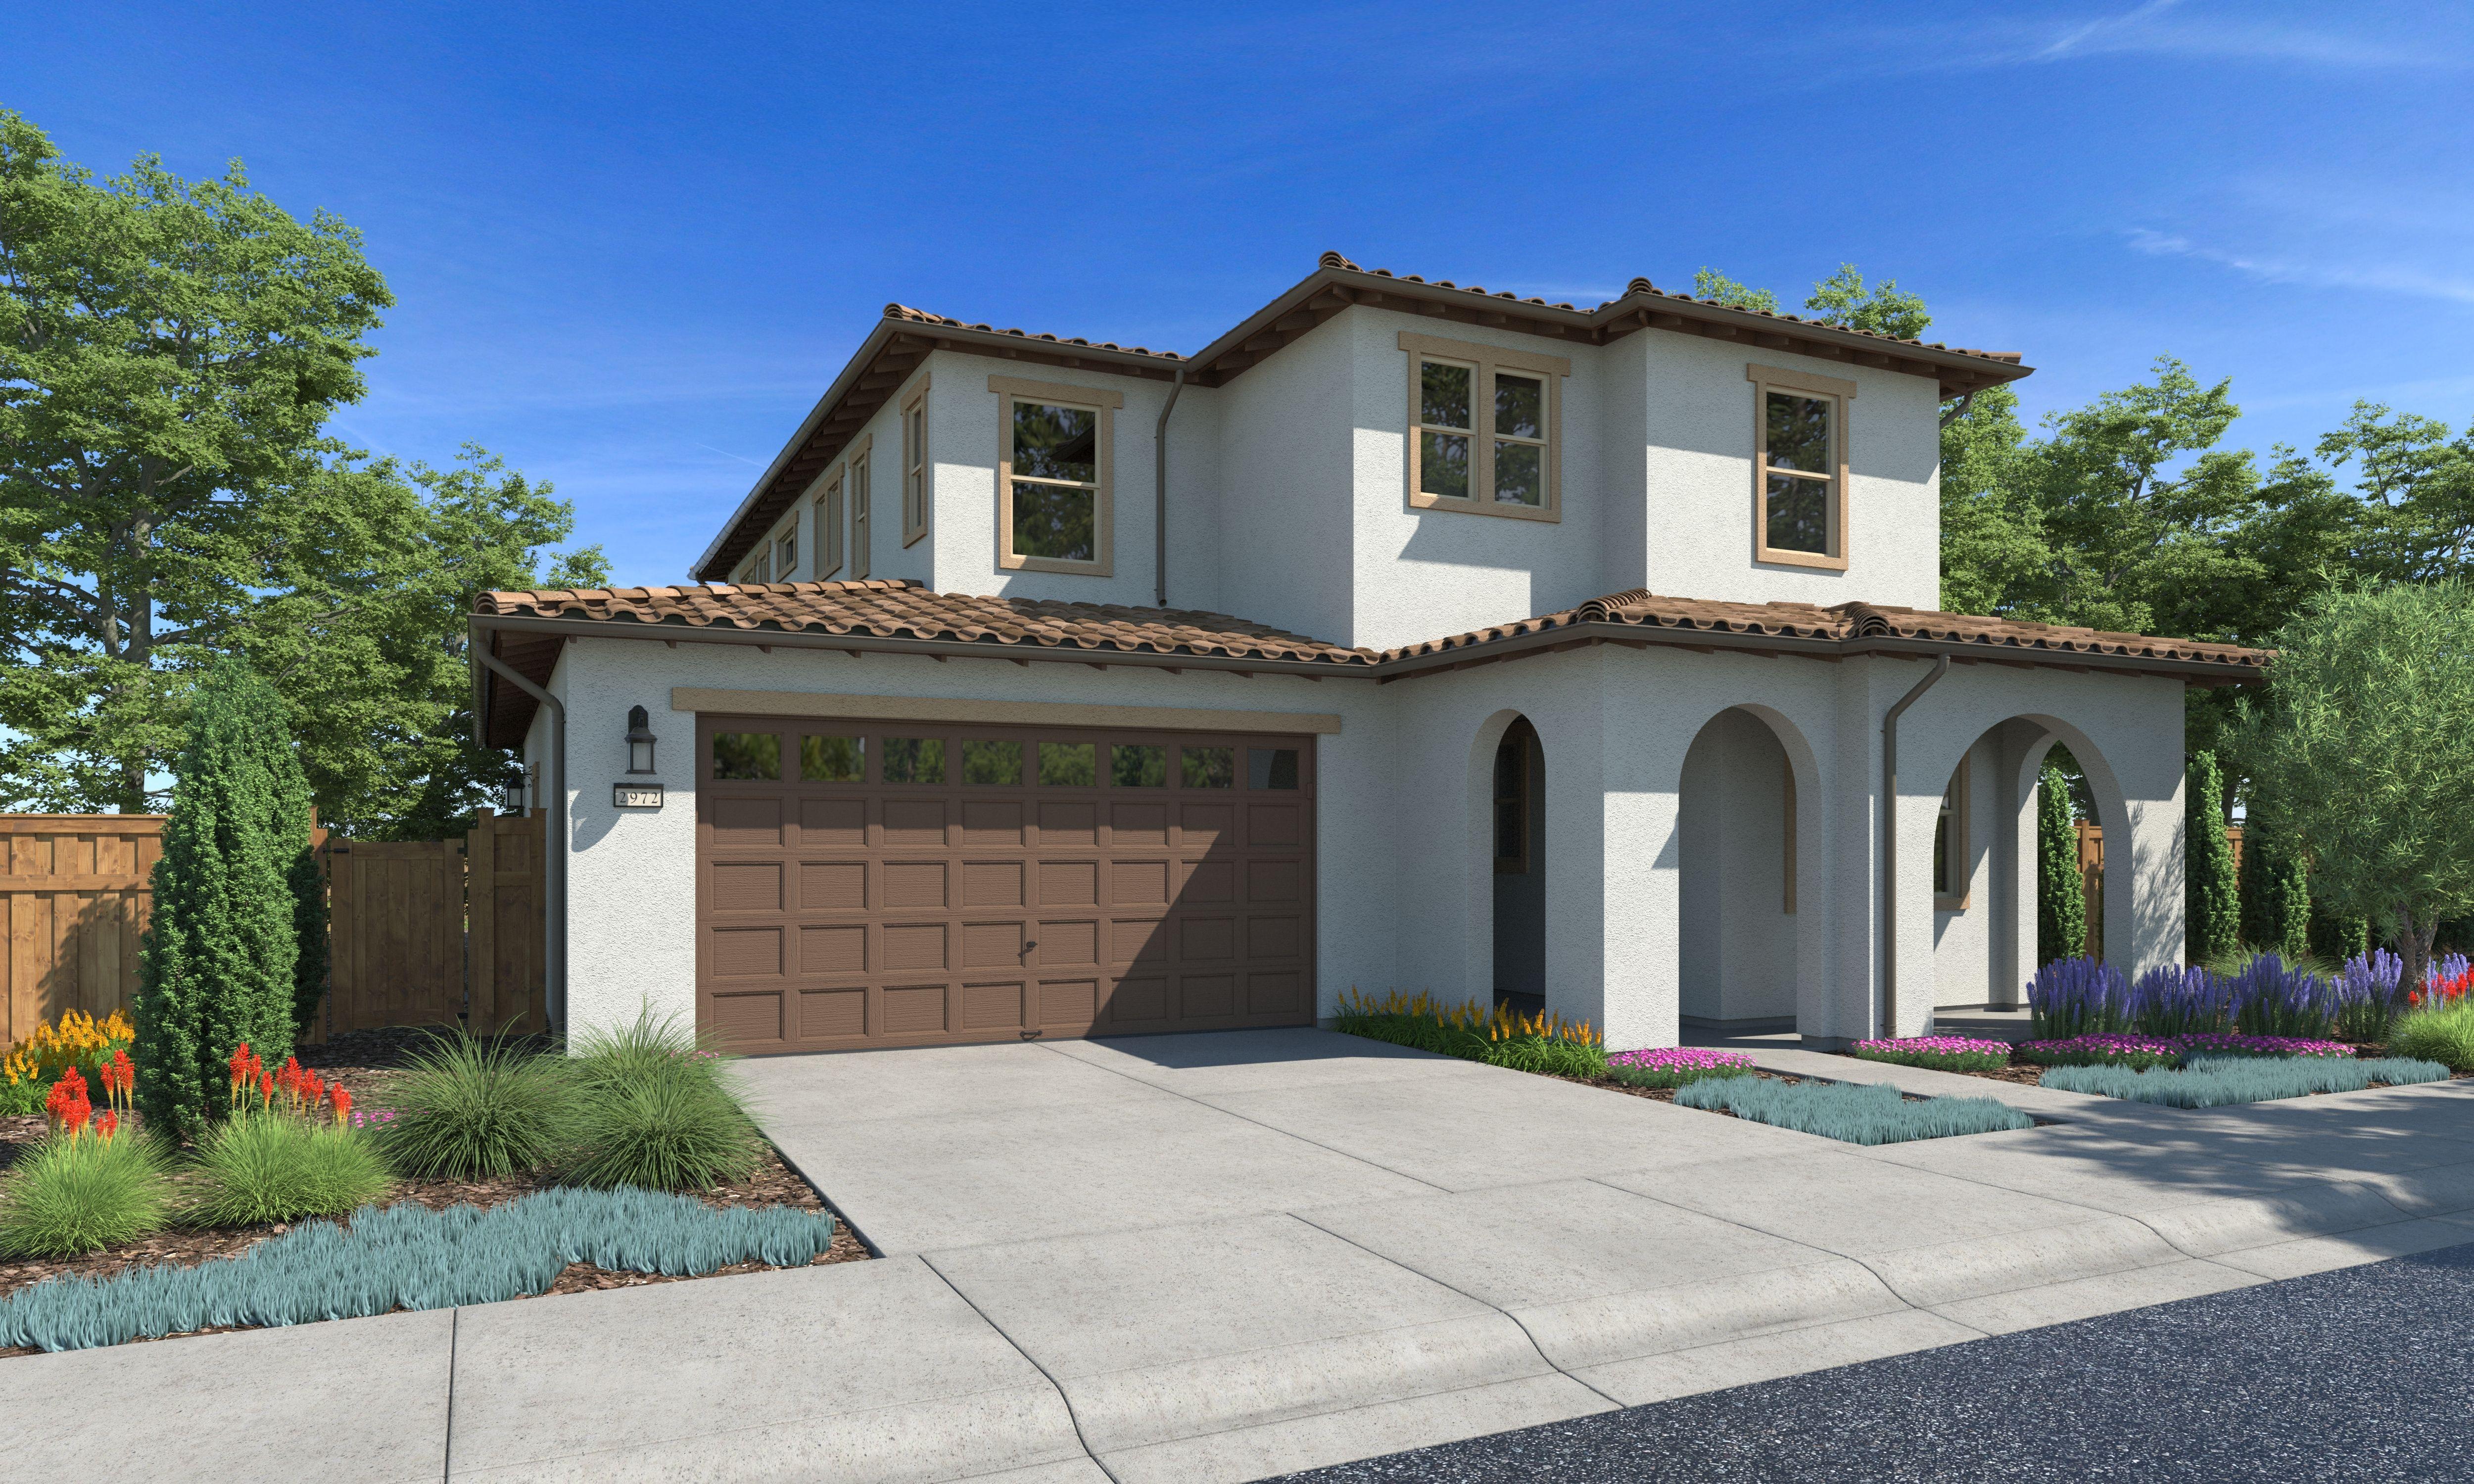 New Homes in Atascadero, CA   23 Communities   NewHomeSource